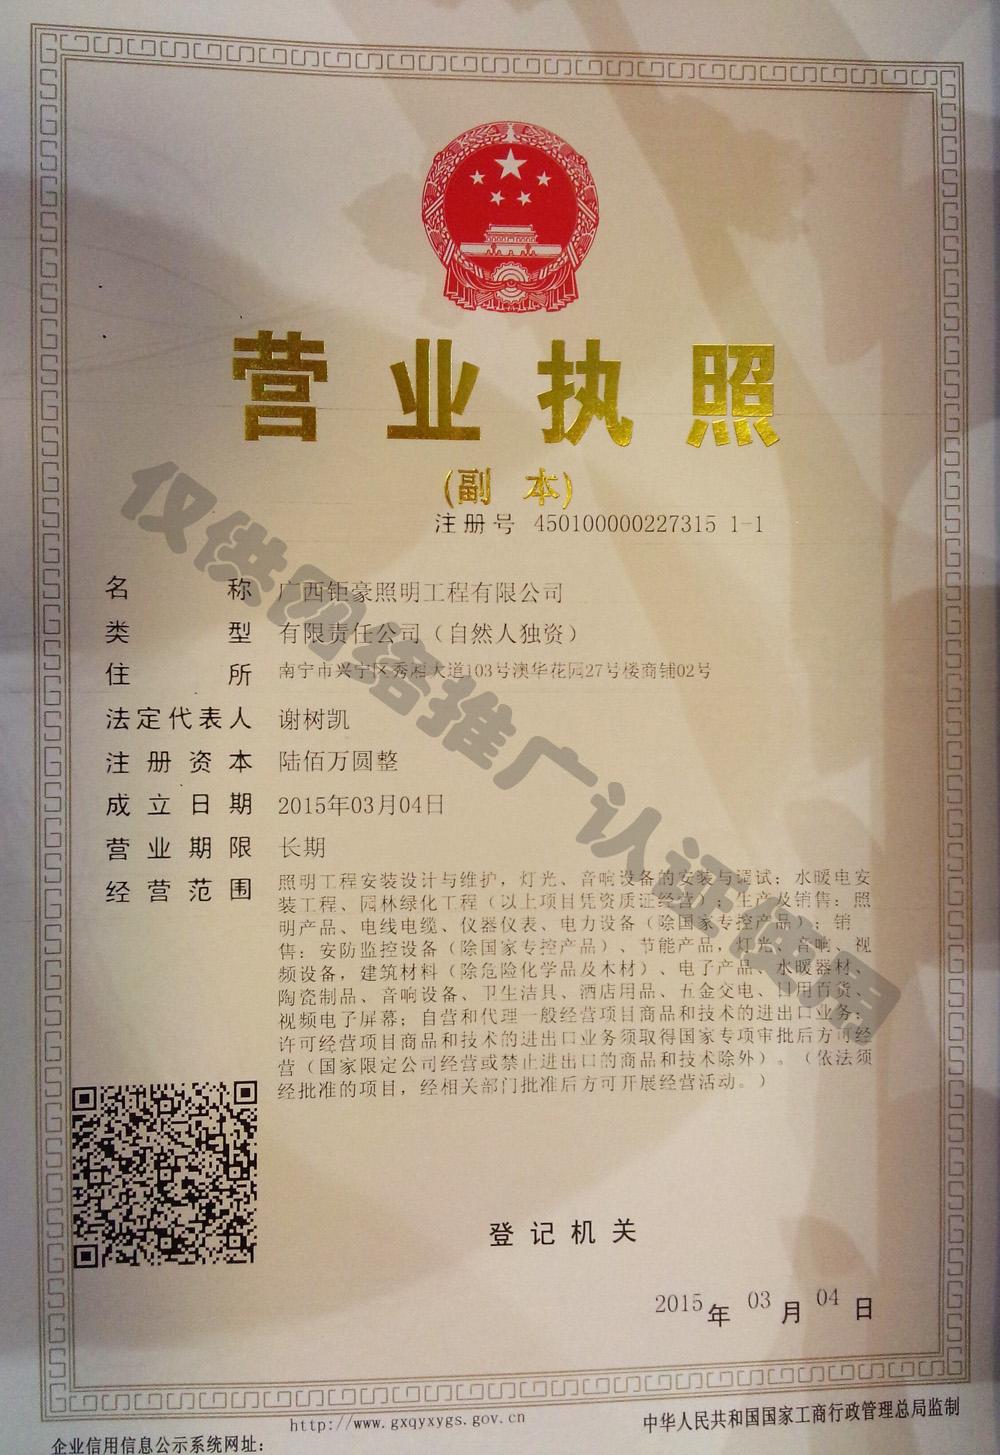 荣誉资质-广西南宁钜豪照明工程有限公司